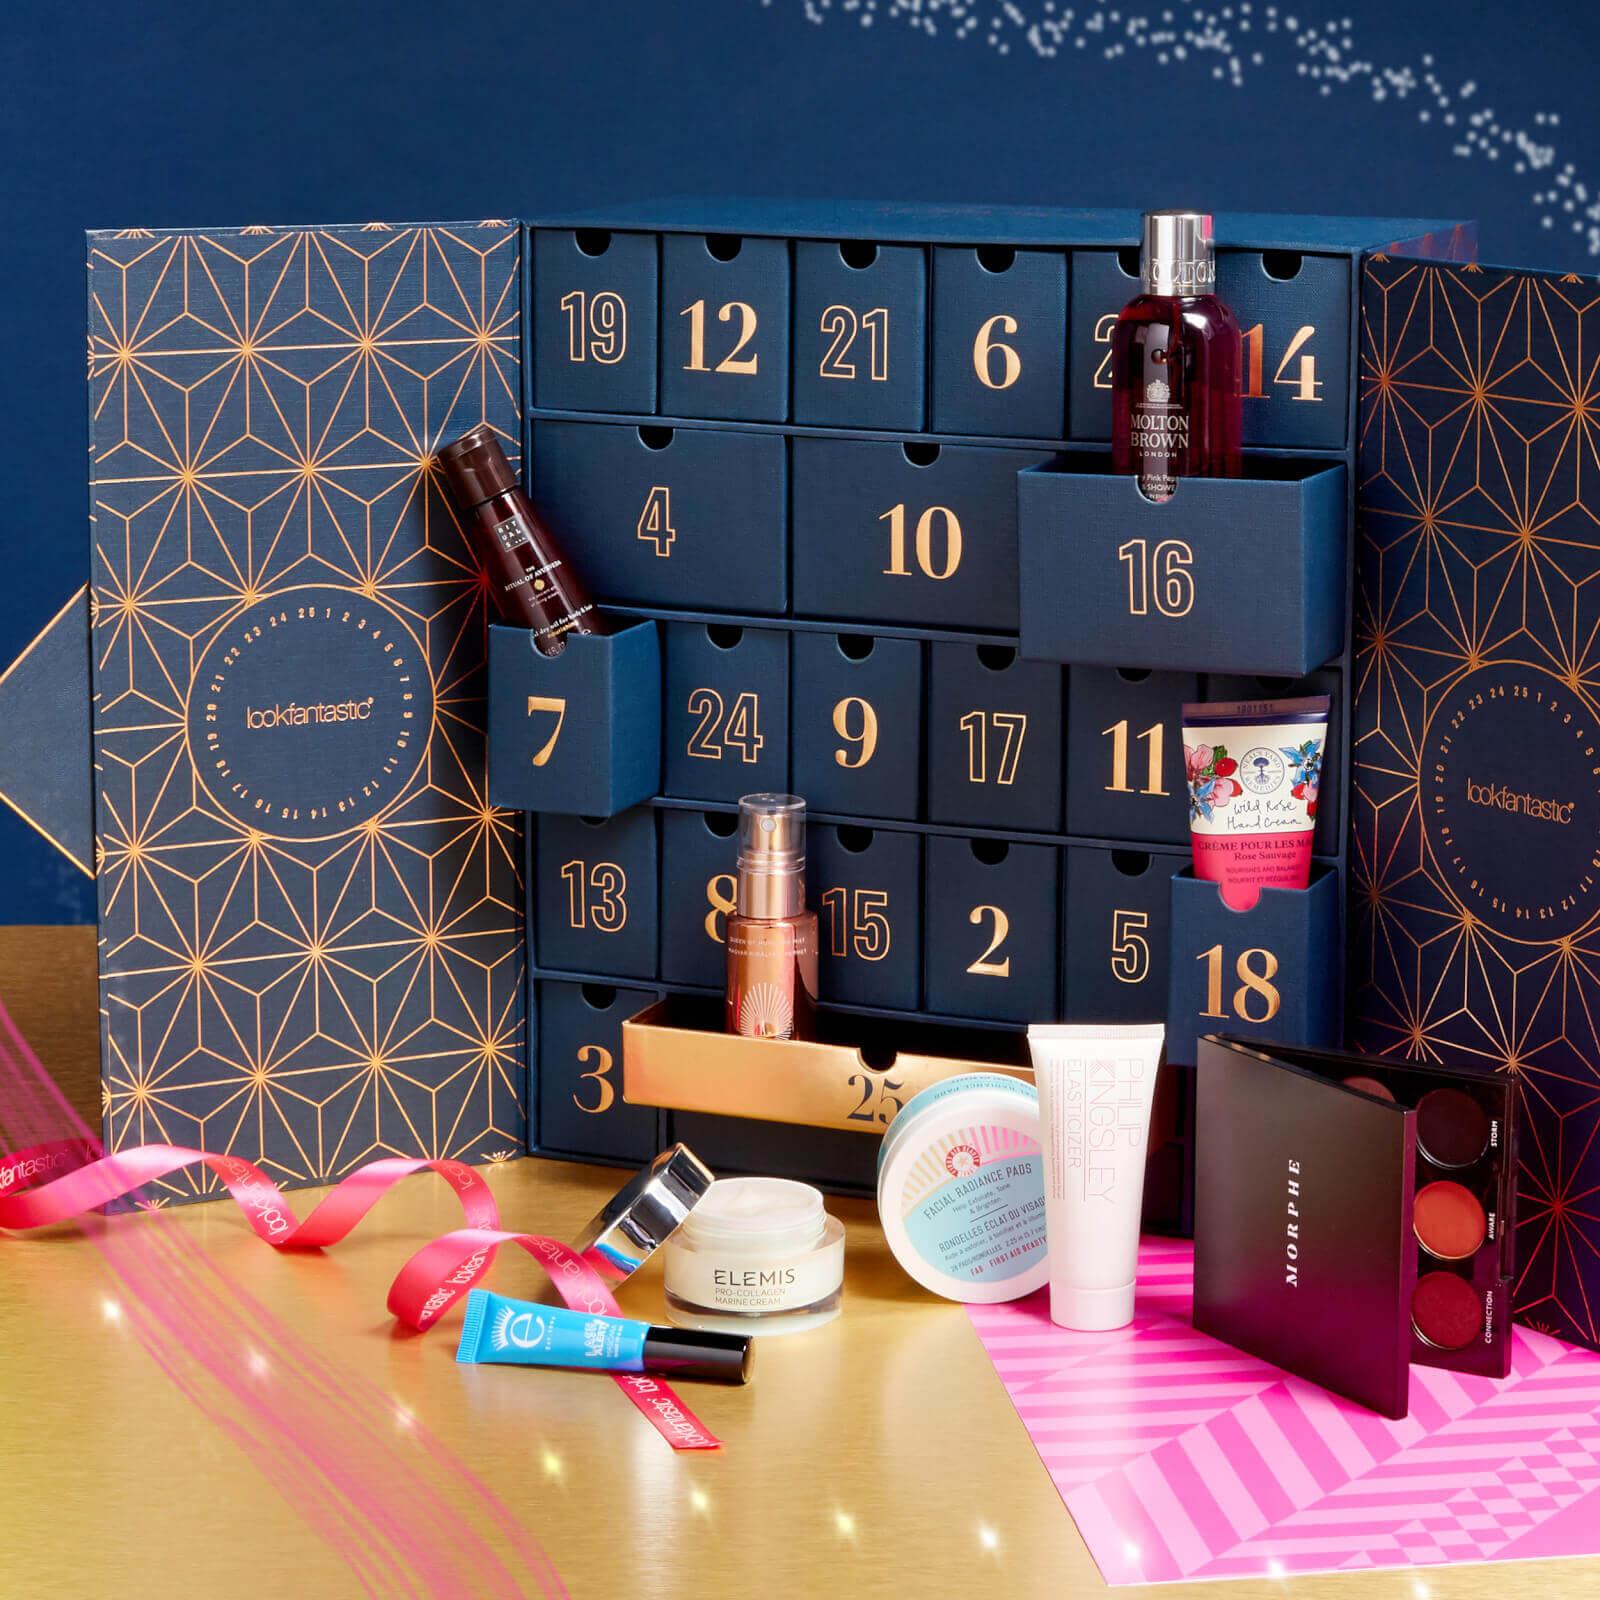 kosmetyczny-kalendarz-adwentowy-lookfantastic